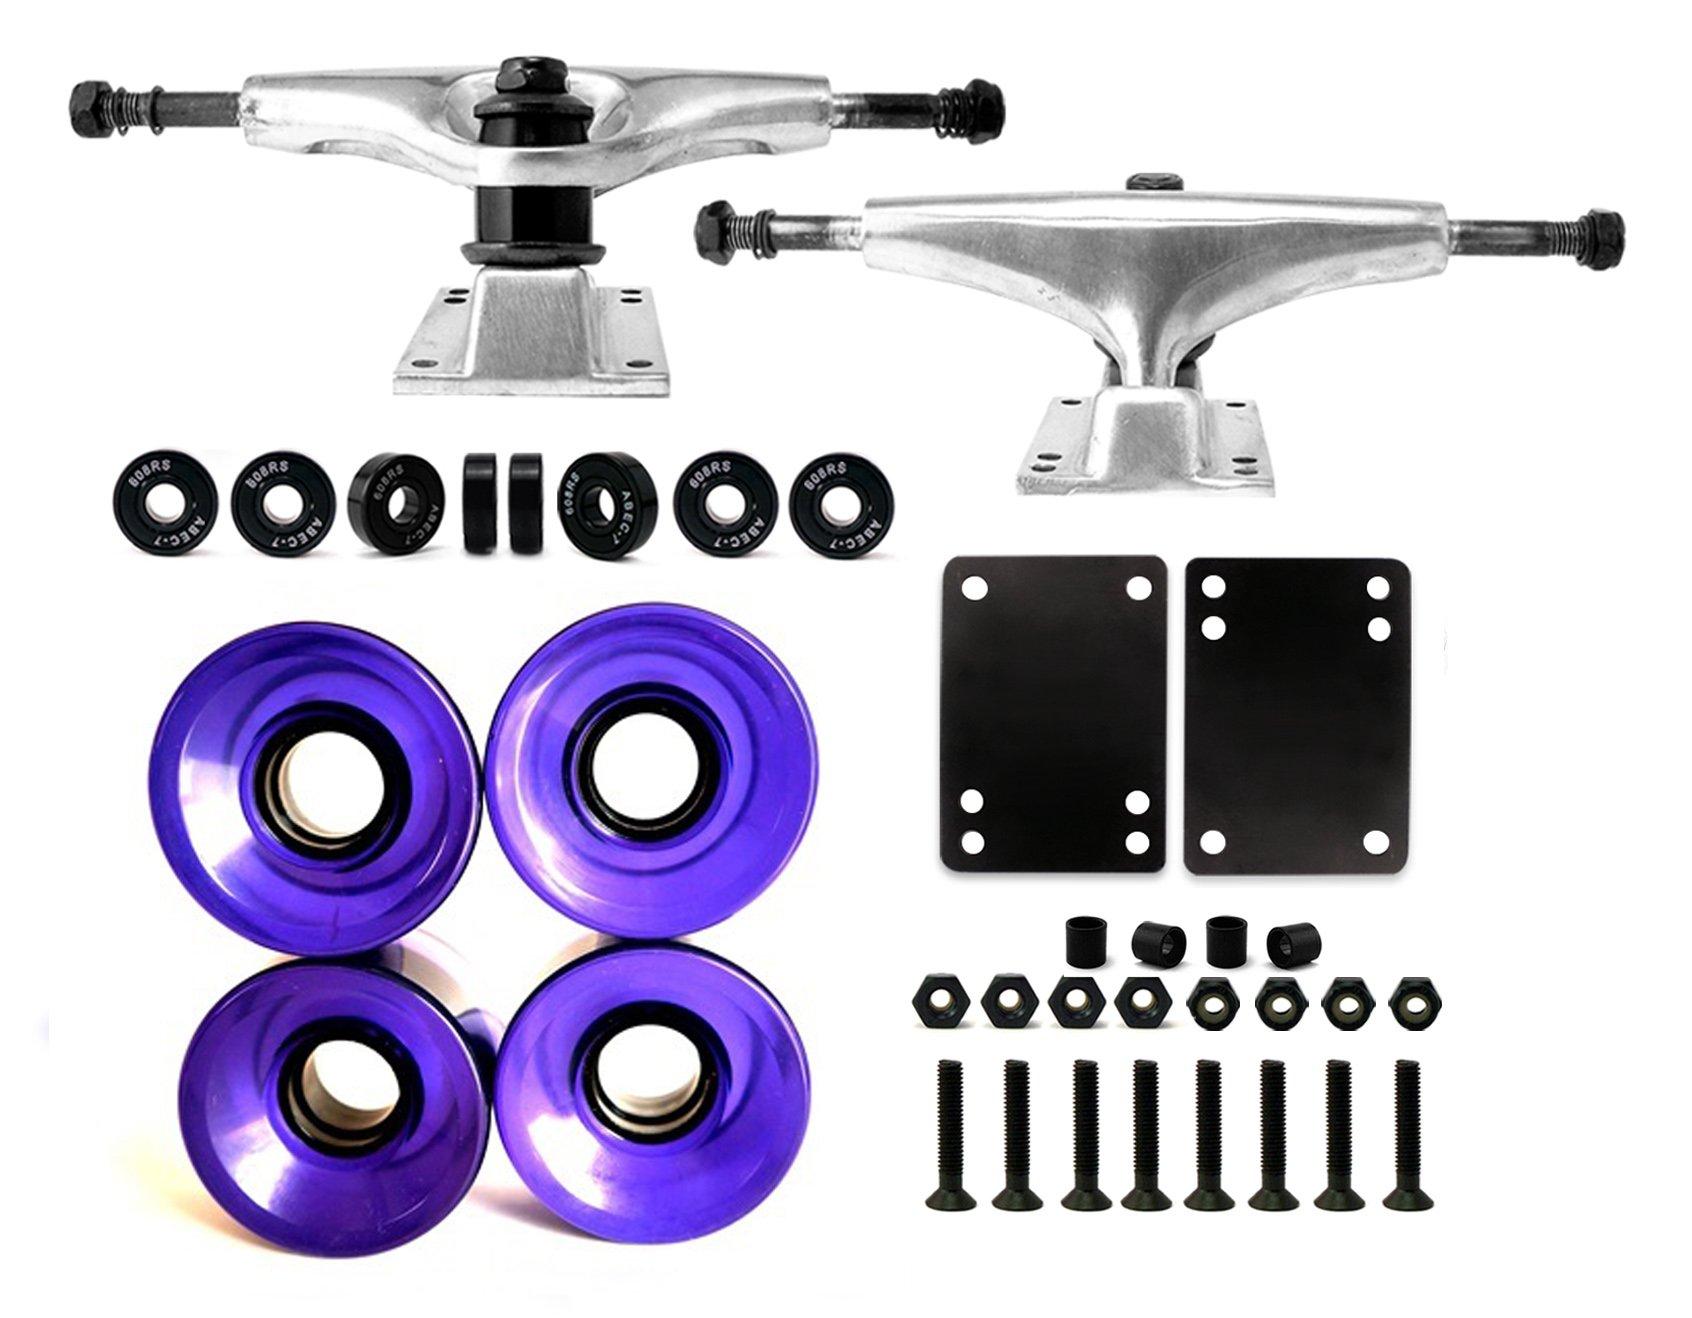 VJ Skateboard Truck and Wheel, 5.0 Skateboard Trucks (Silver) w/Skateboard Crusier Wheel 60mm, Skateboard Bearings, Skateboard Screws, Skateboard Riser Pads (Gel Purple) by VJ